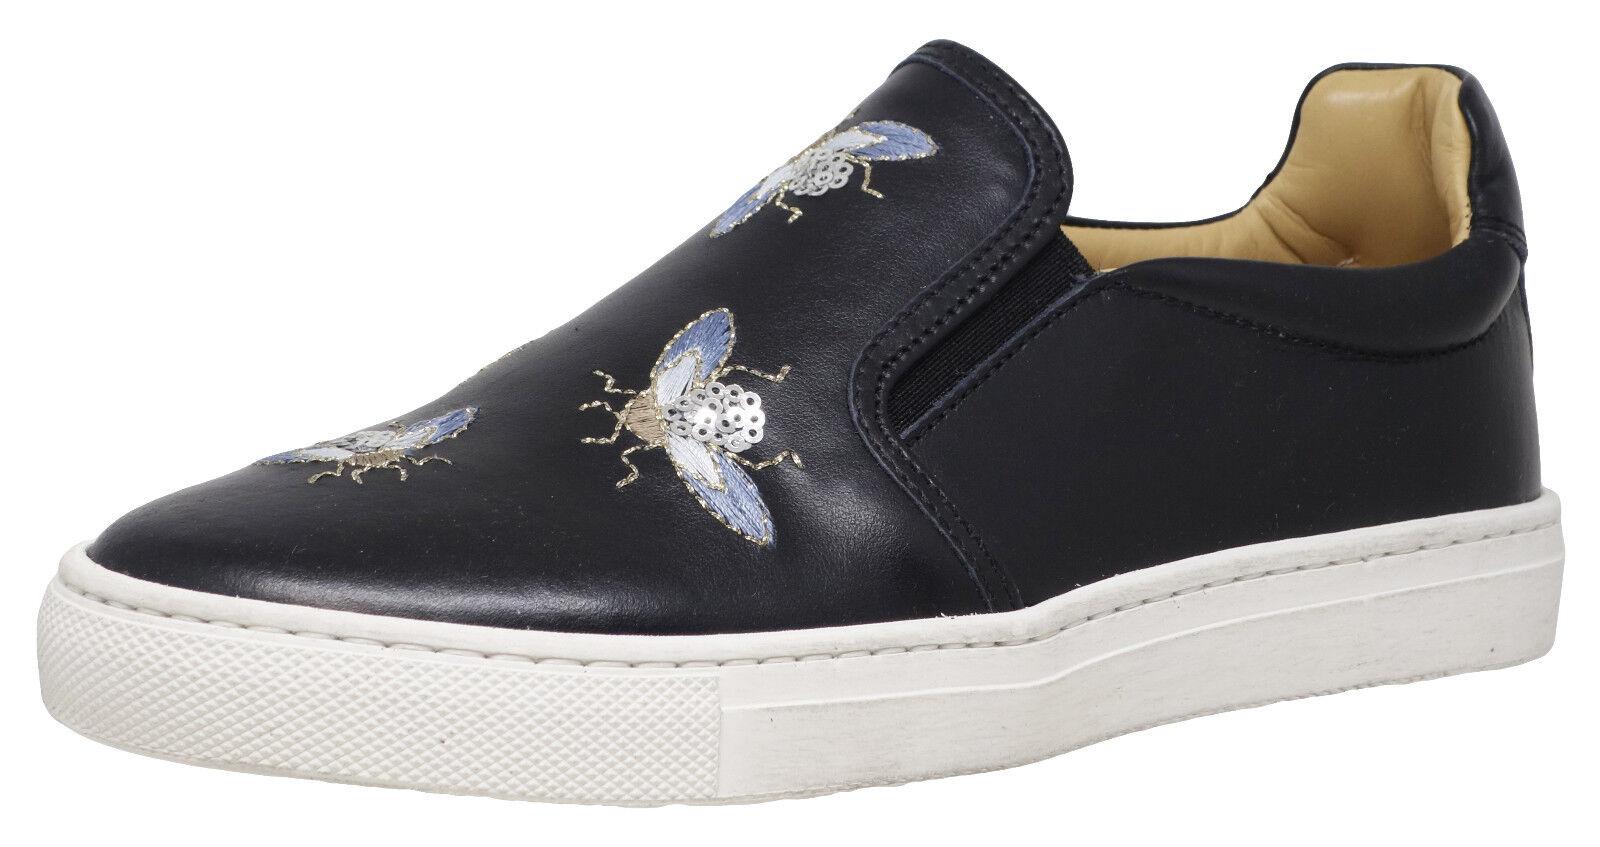 Momino 3623v cuero BAILARINAS SLIPPER zapatos bordados handarb. nuevo